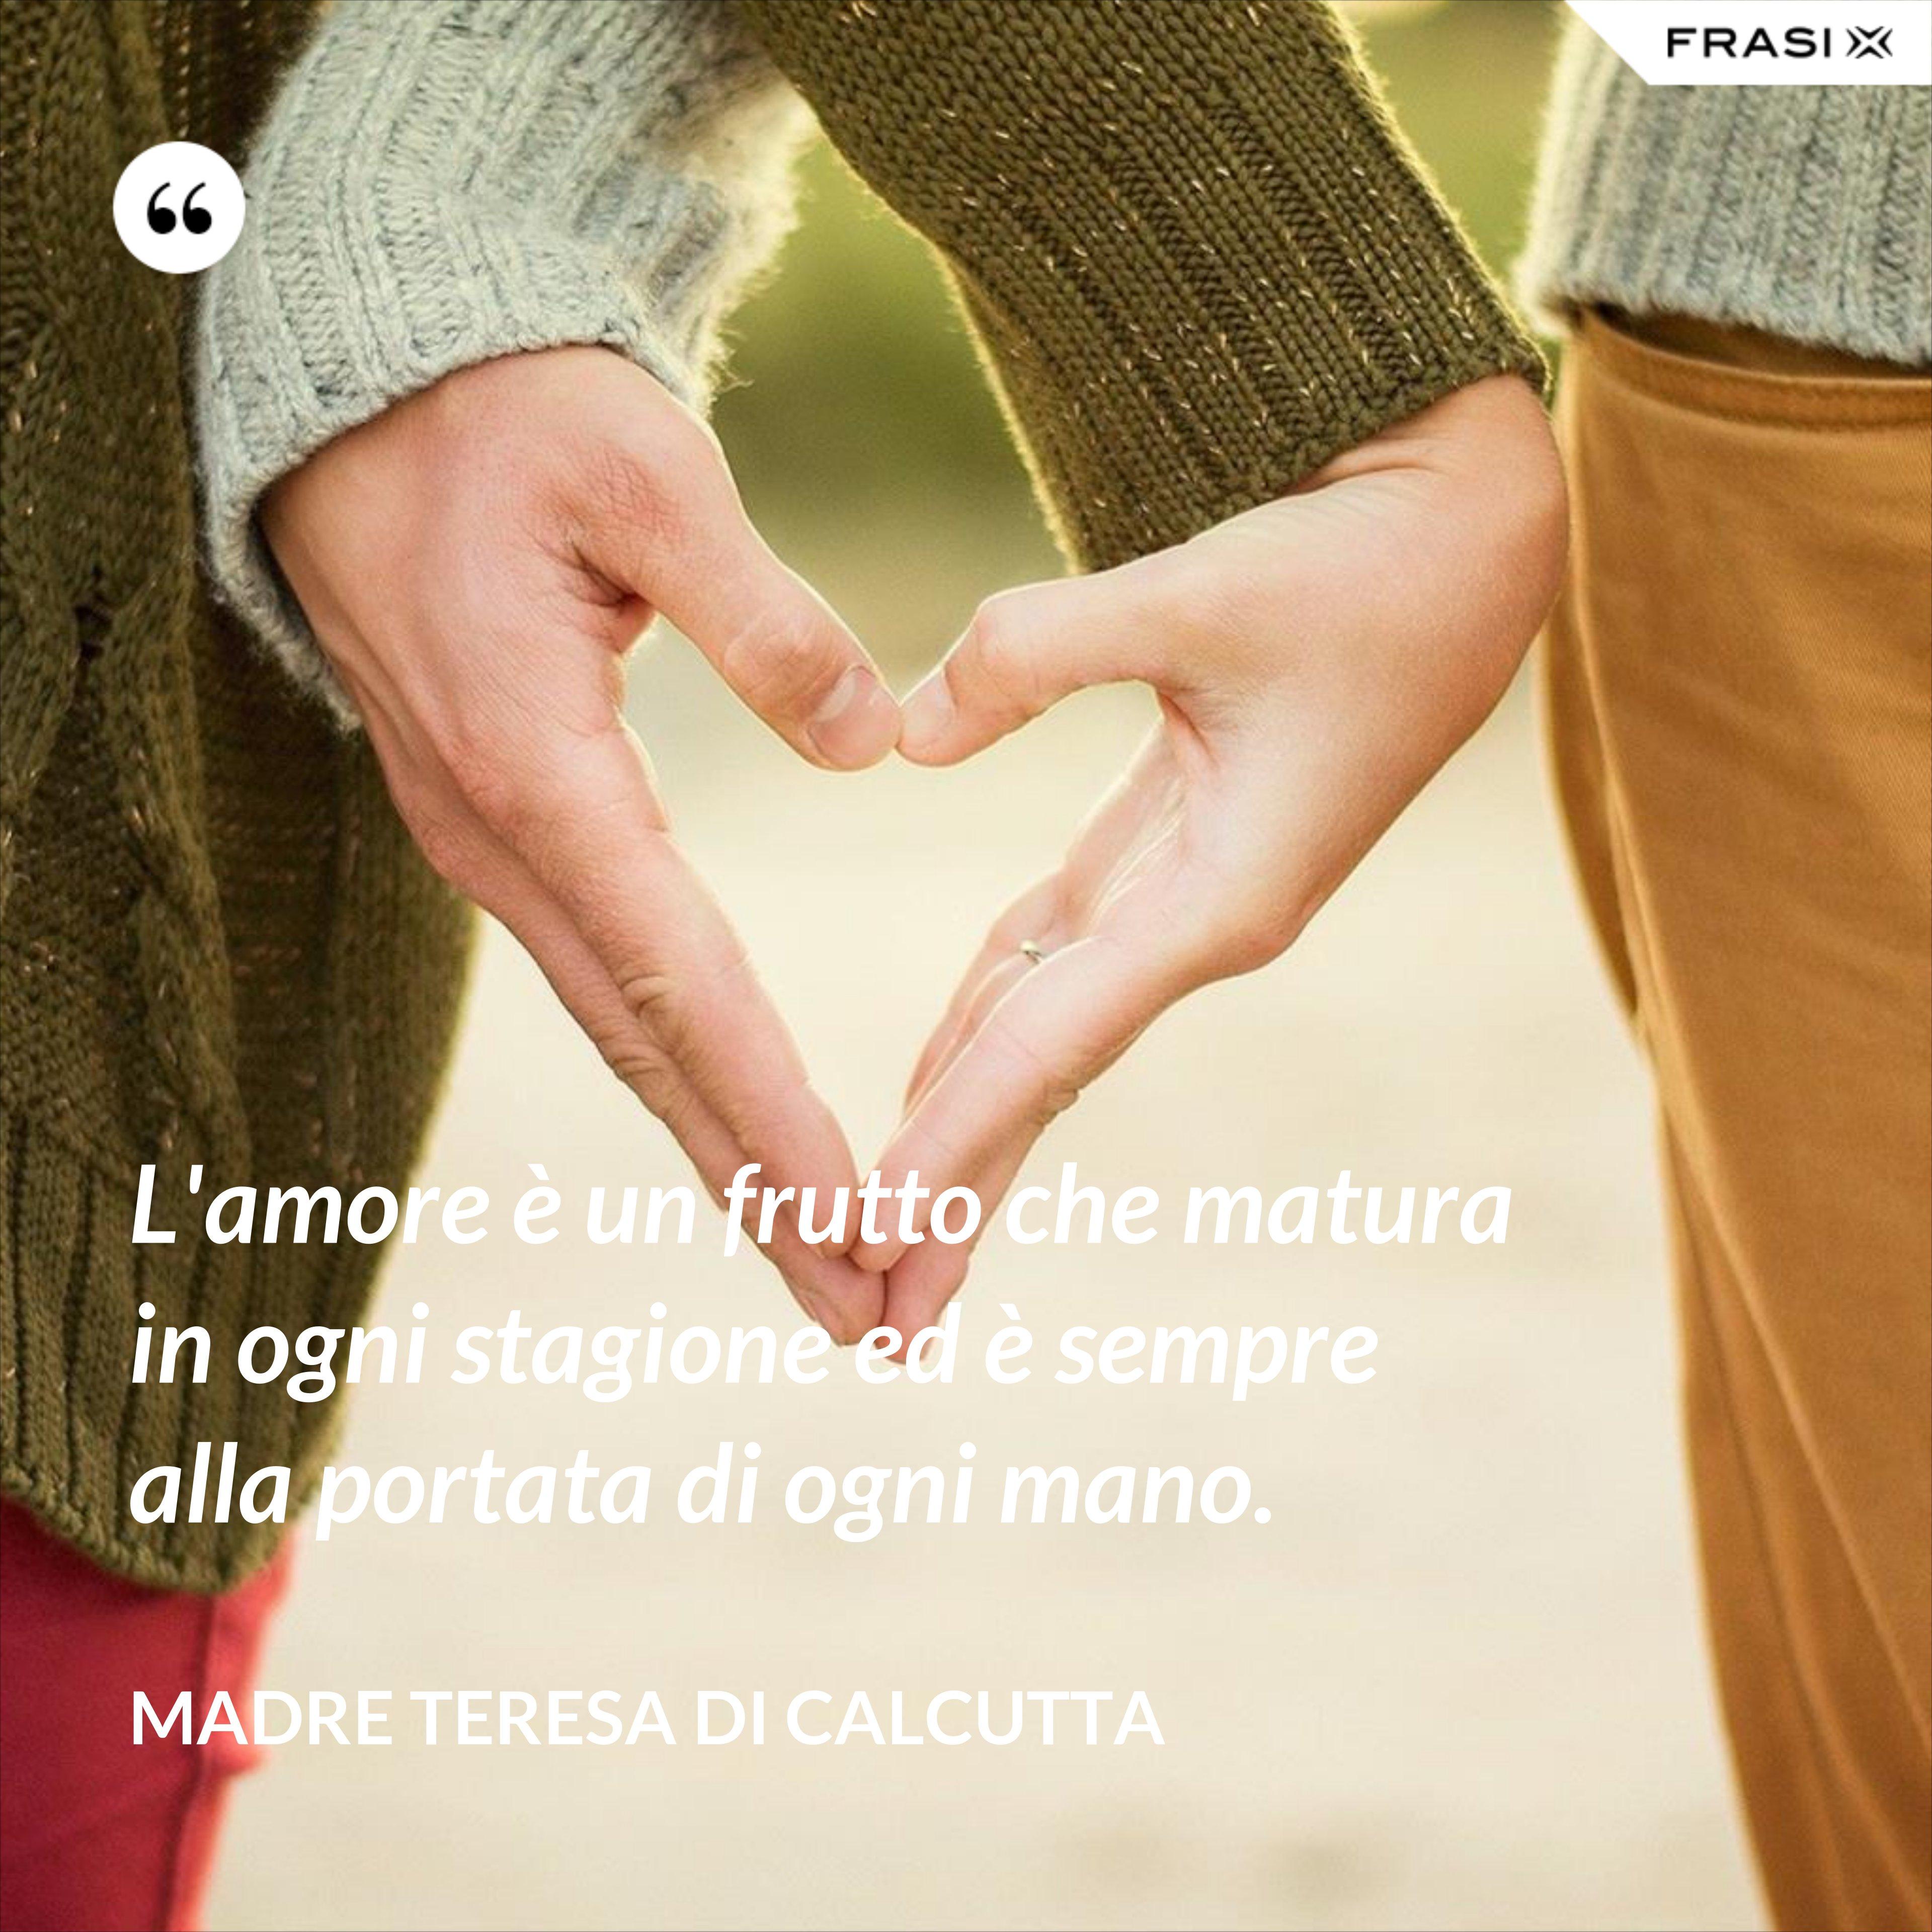 L'amore è un frutto che matura in ogni stagione ed è sempre alla portata di ogni mano. - Madre Teresa Di Calcutta